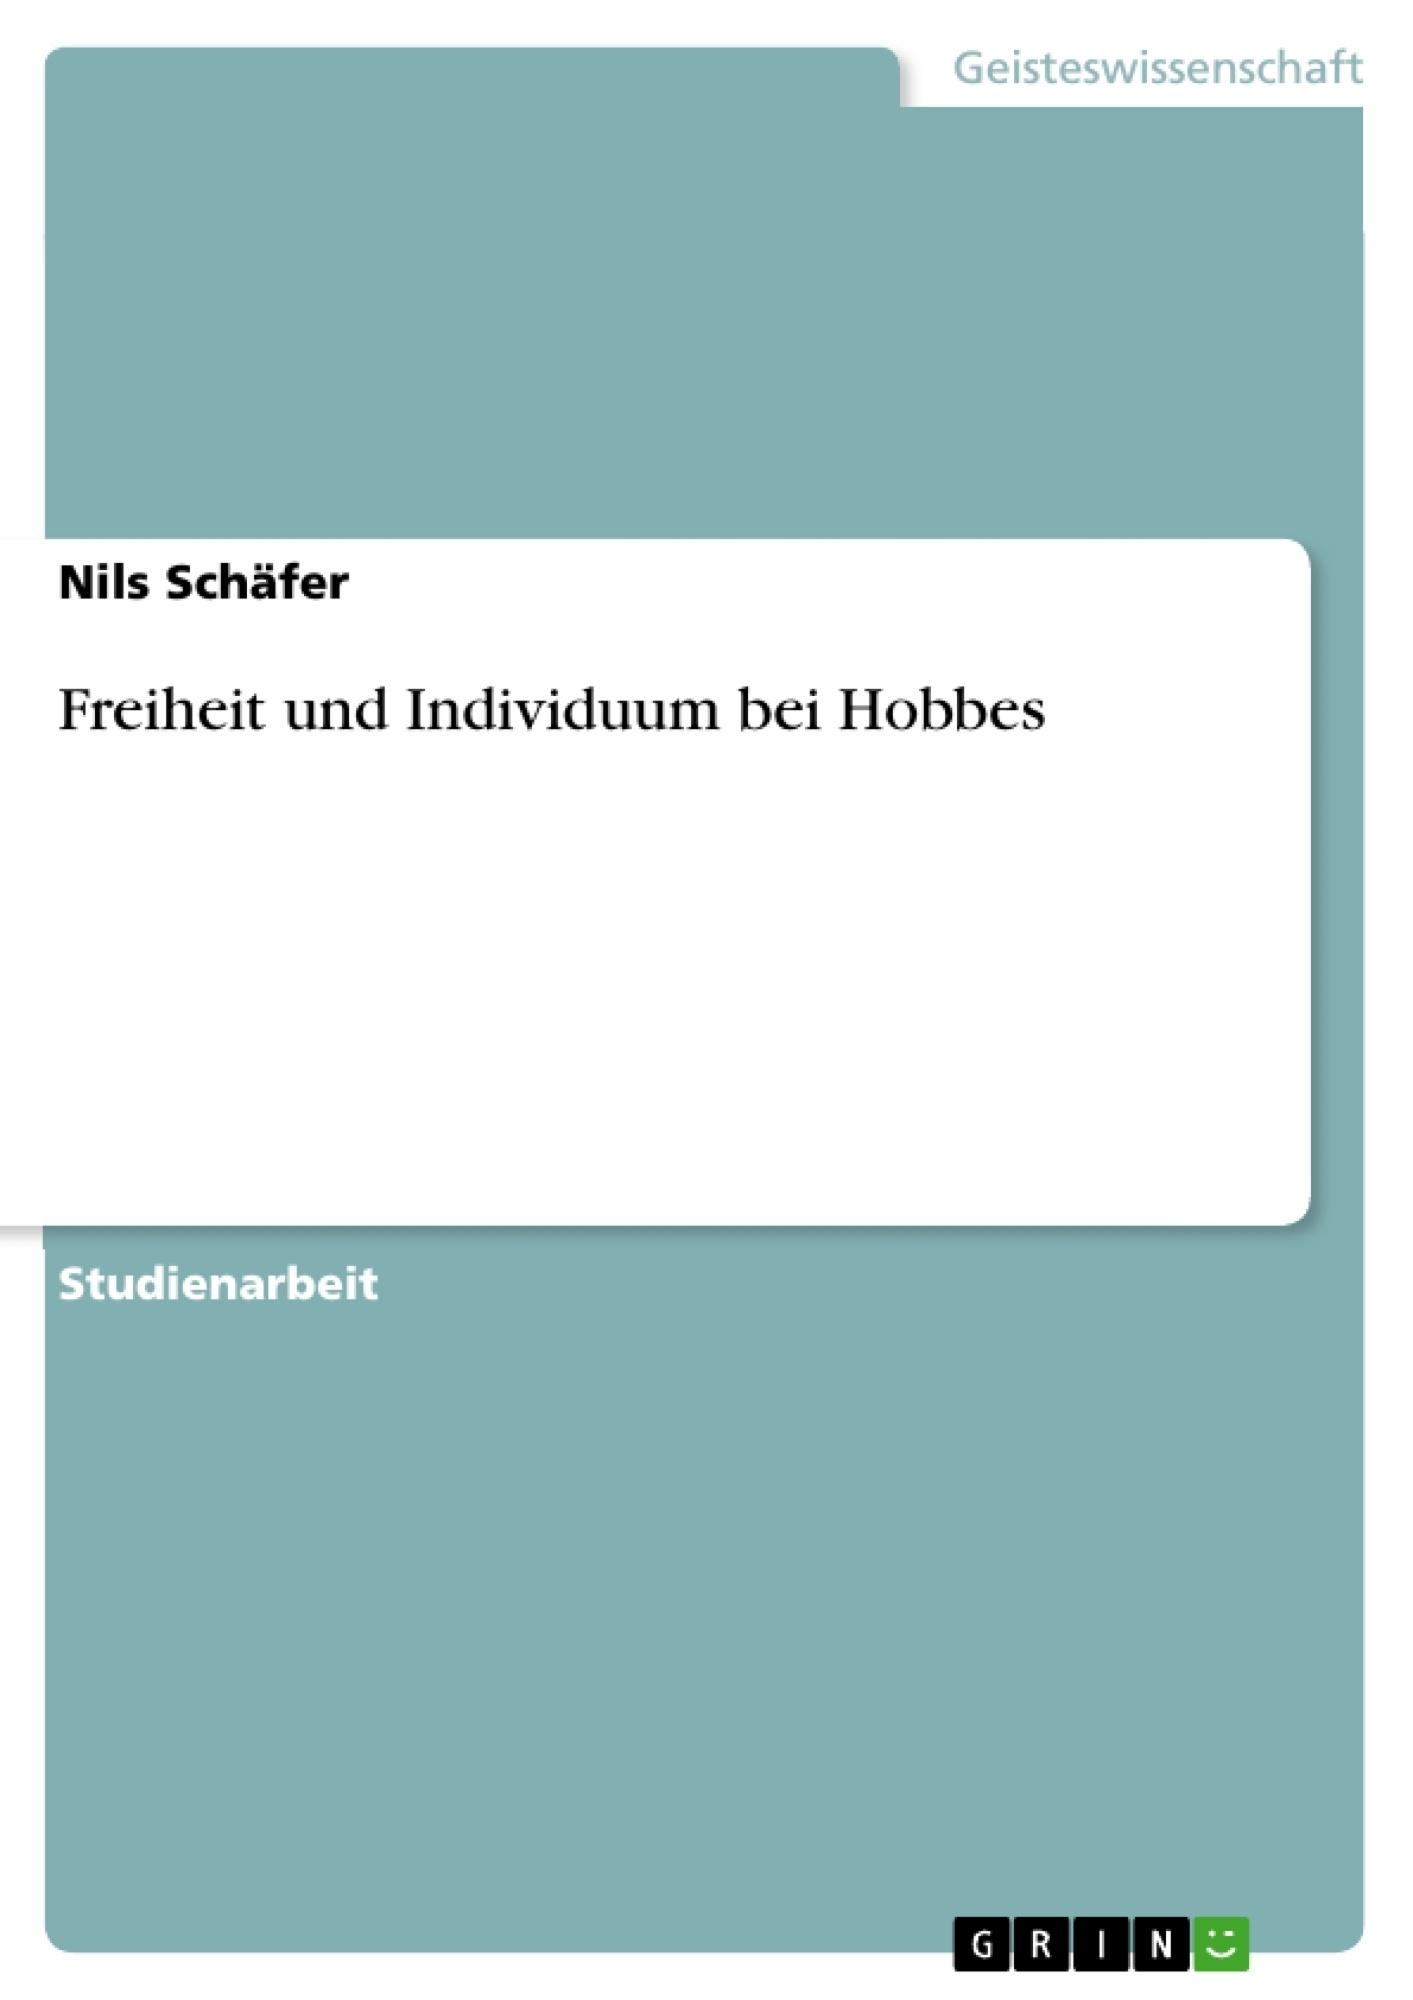 Titel: Freiheit und Individuum bei Hobbes